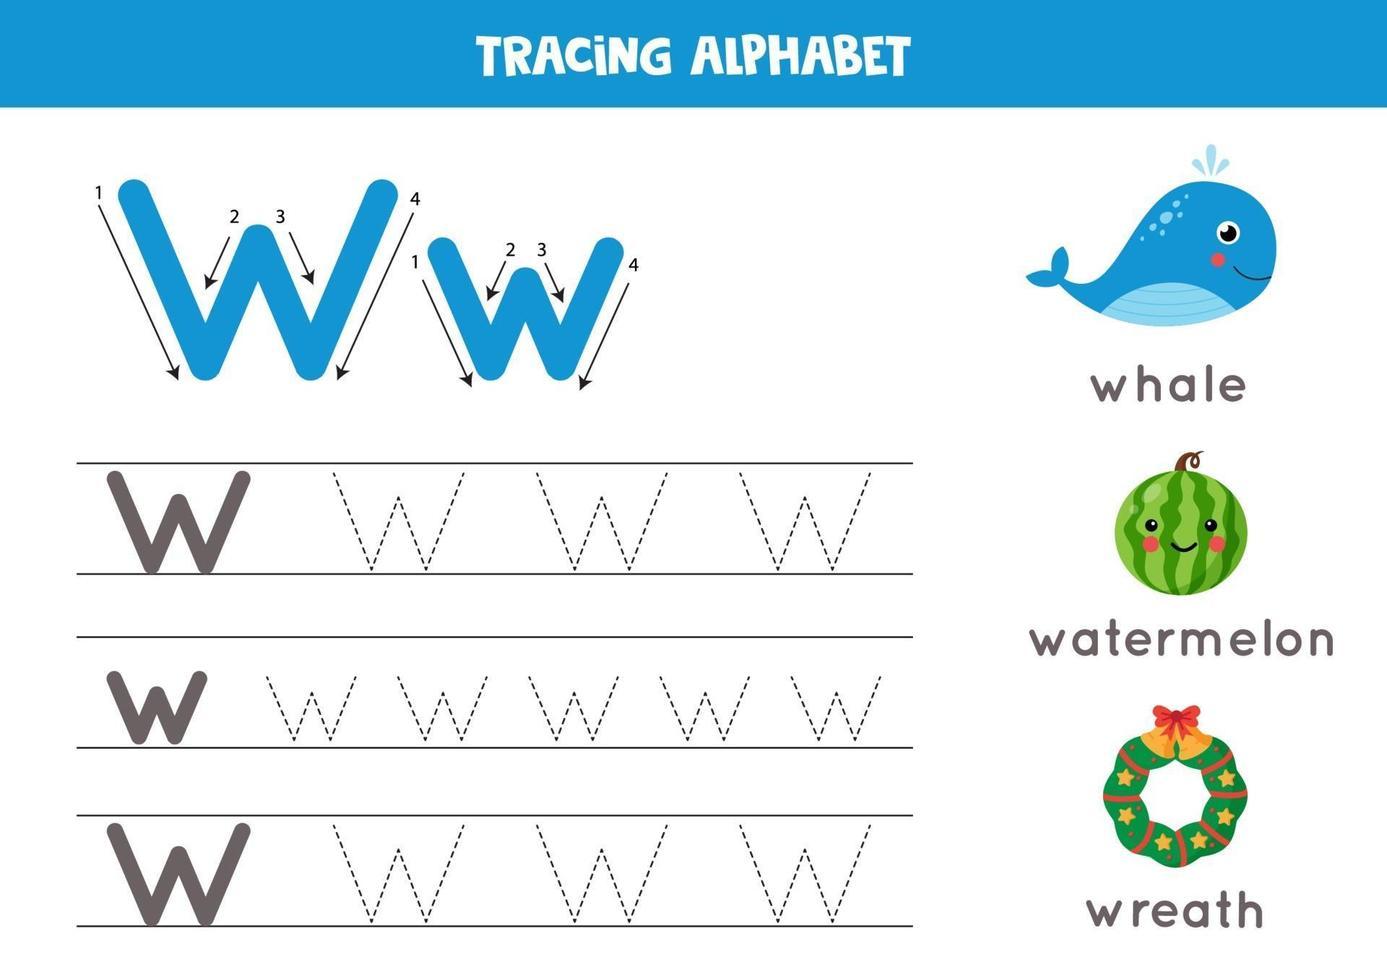 pratica della scrittura a mano con la lettera dell'alfabeto. tracciamento w. vettore